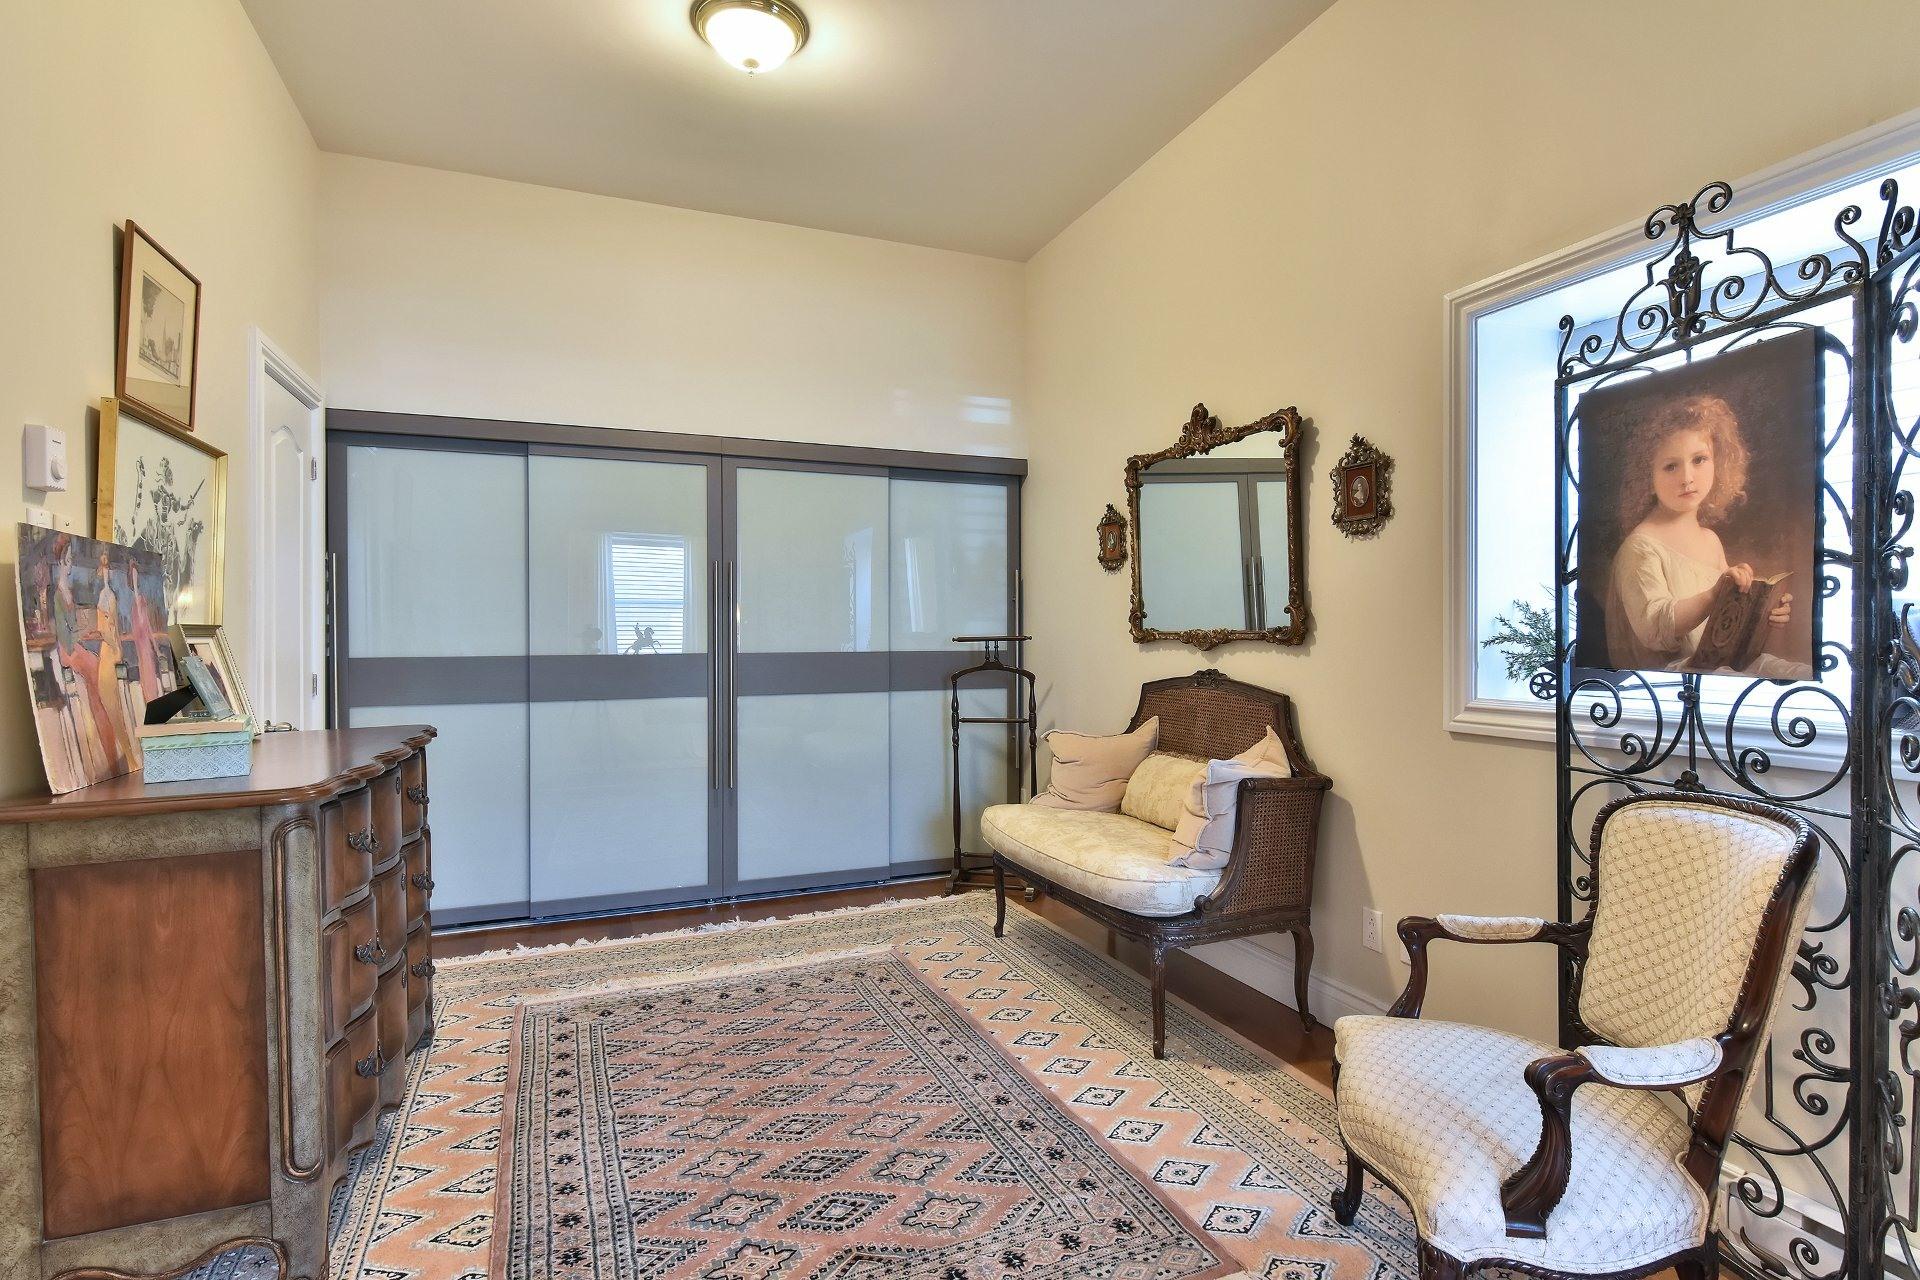 image 7 - Apartment For sale Montréal Côte-des-Neiges/Notre-Dame-de-Grâce  - 5 rooms